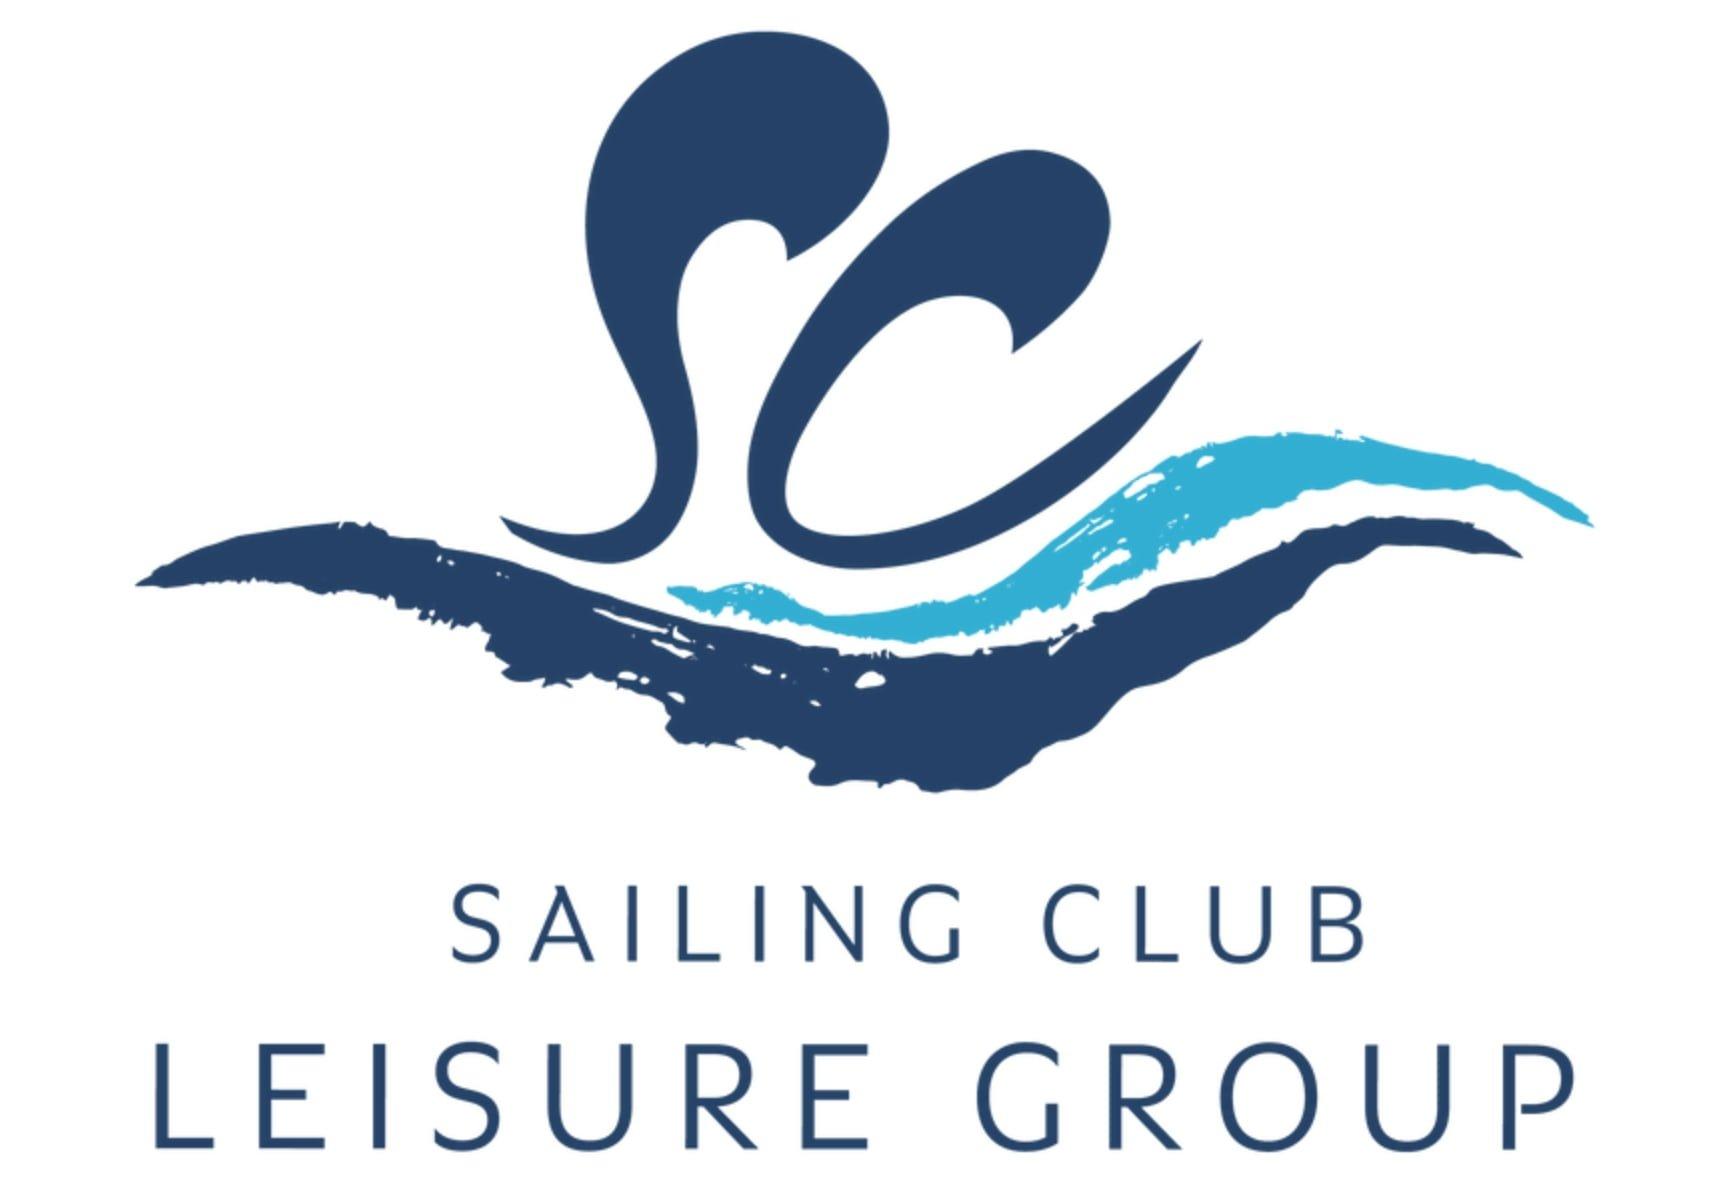 Sailing Club Leisure Phu Quoc là Đơn vị quản lý, vận hành và phát triển du lịch hàng đầu Đông Nam Á